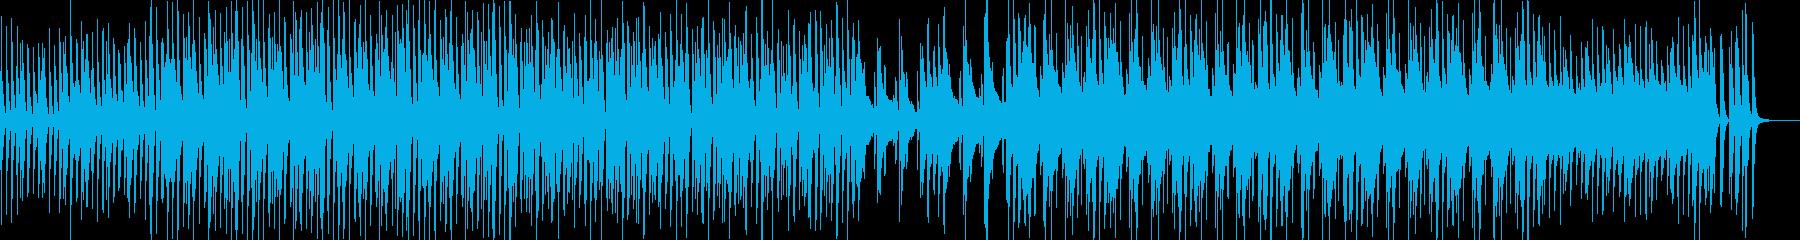 スキップ曲ピアノ企業VP楽しい明るいの再生済みの波形